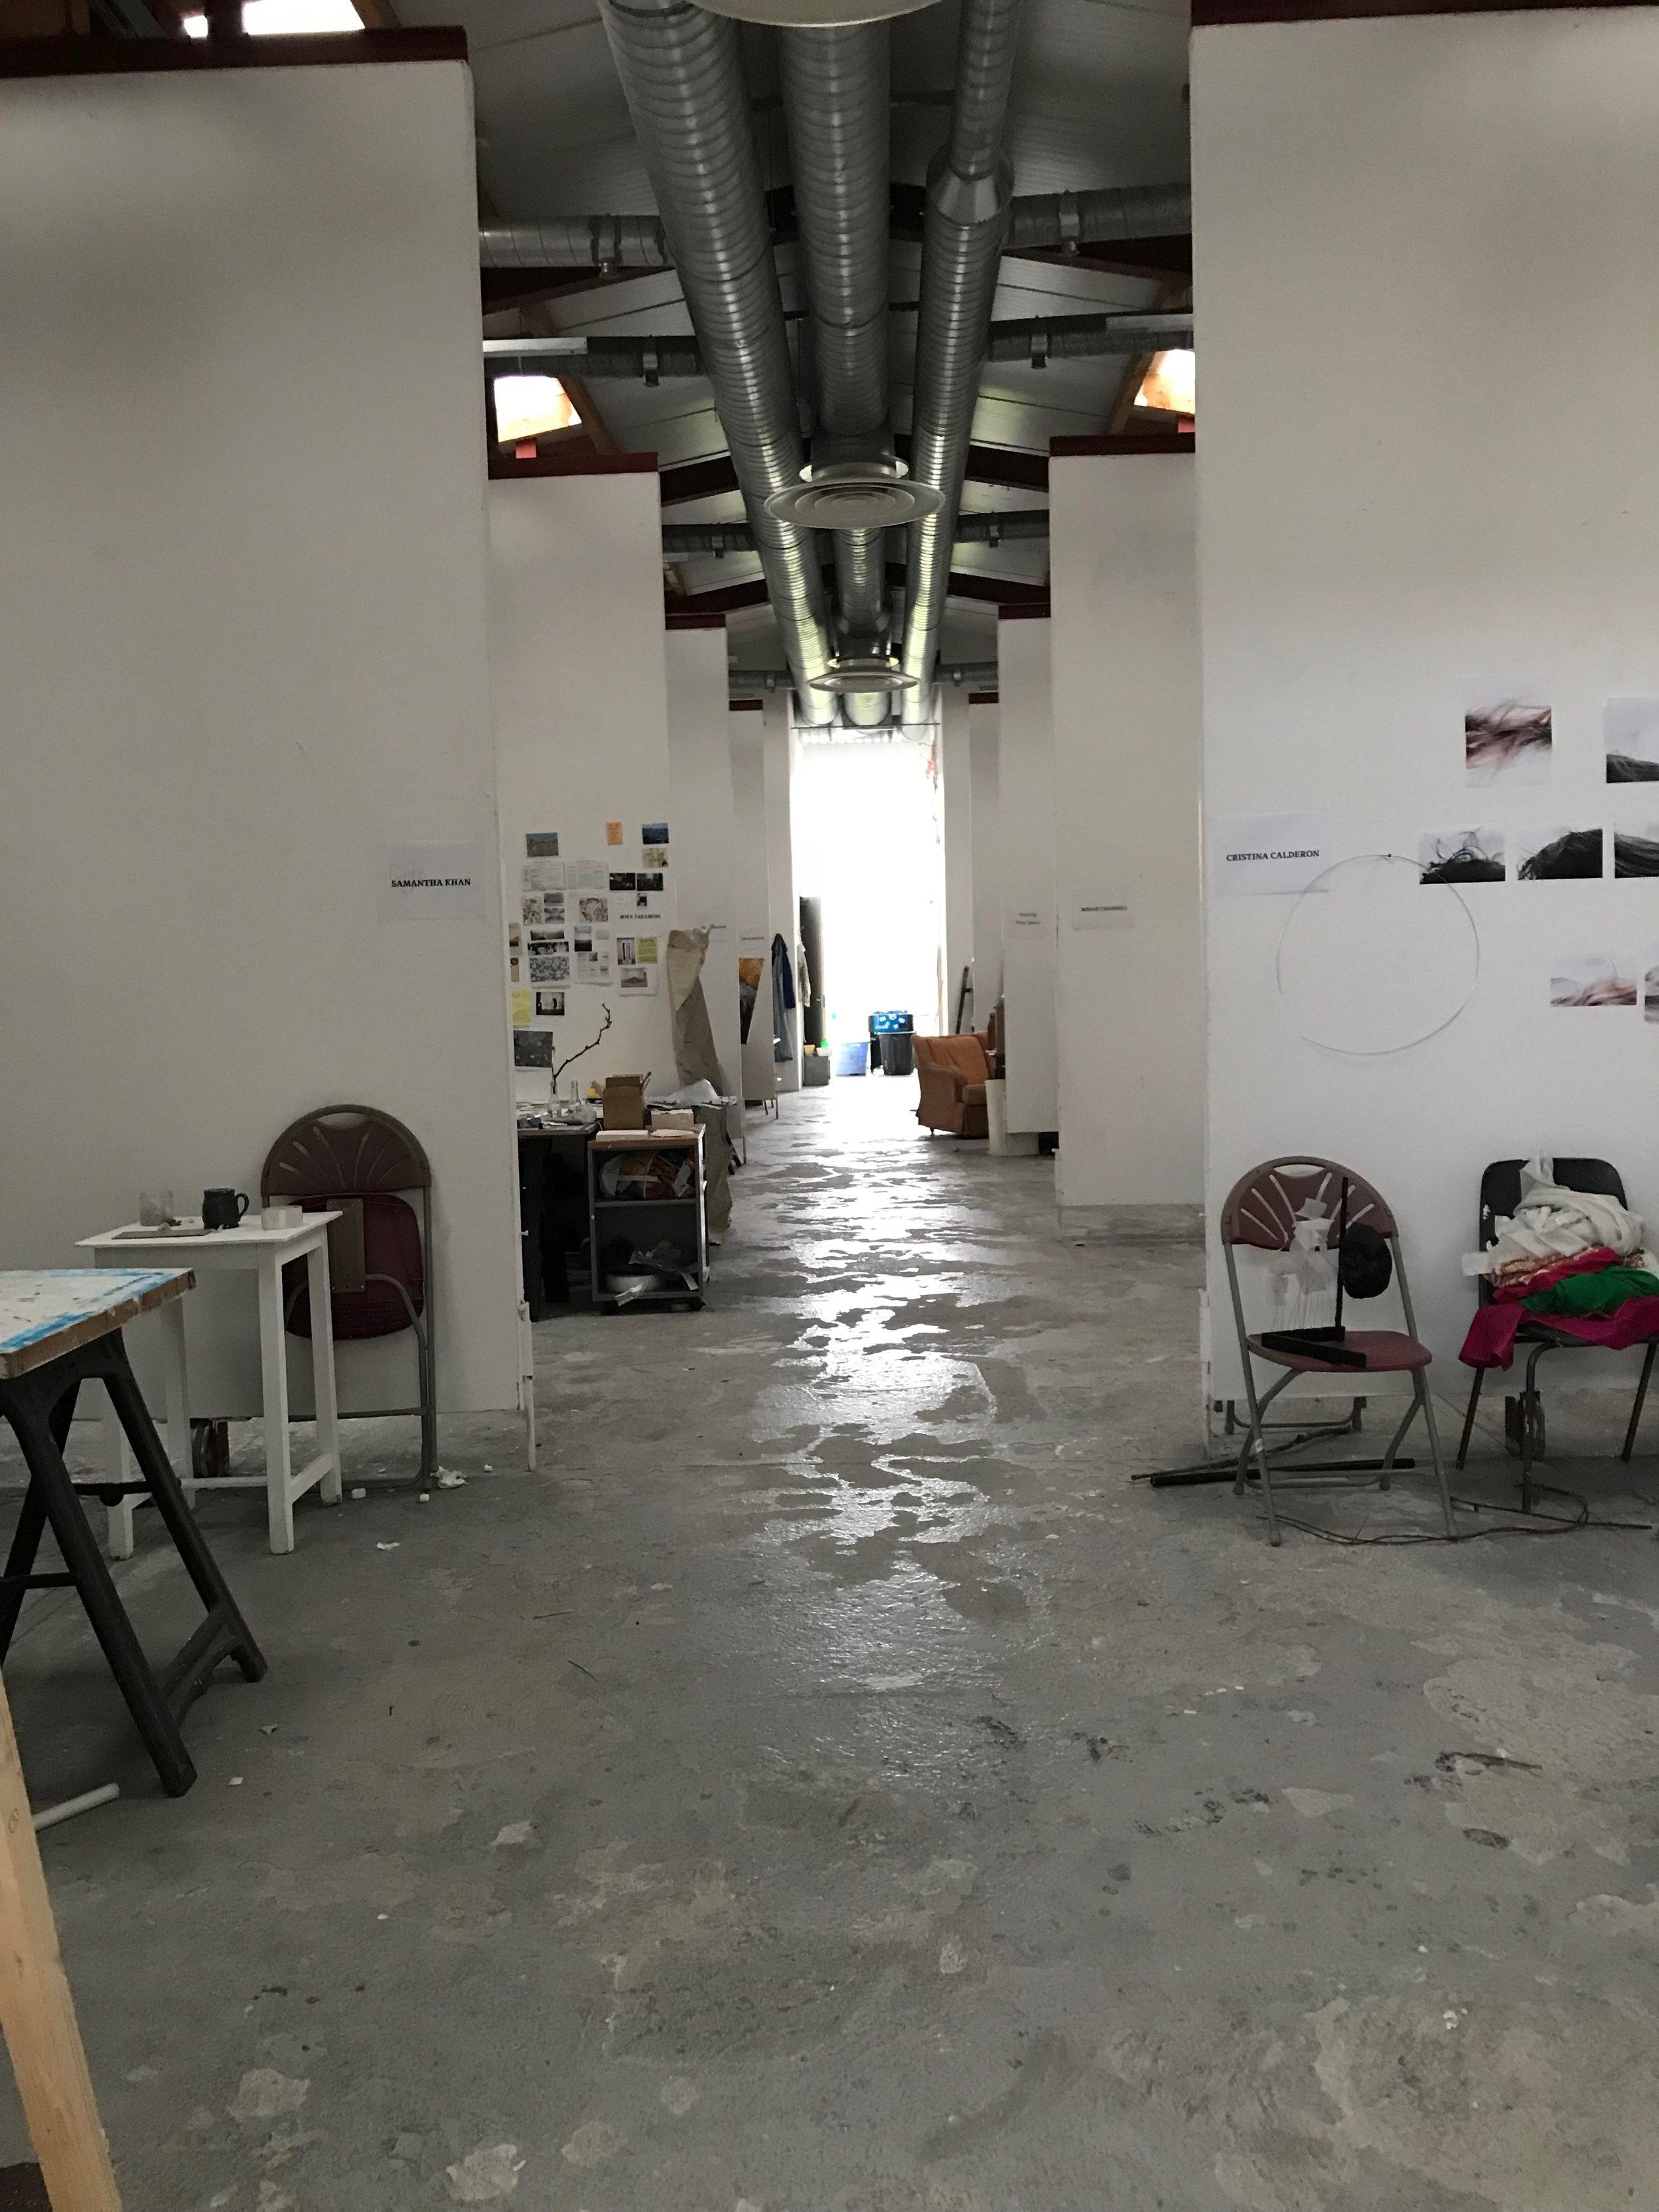 Studios at The Burren College of Art